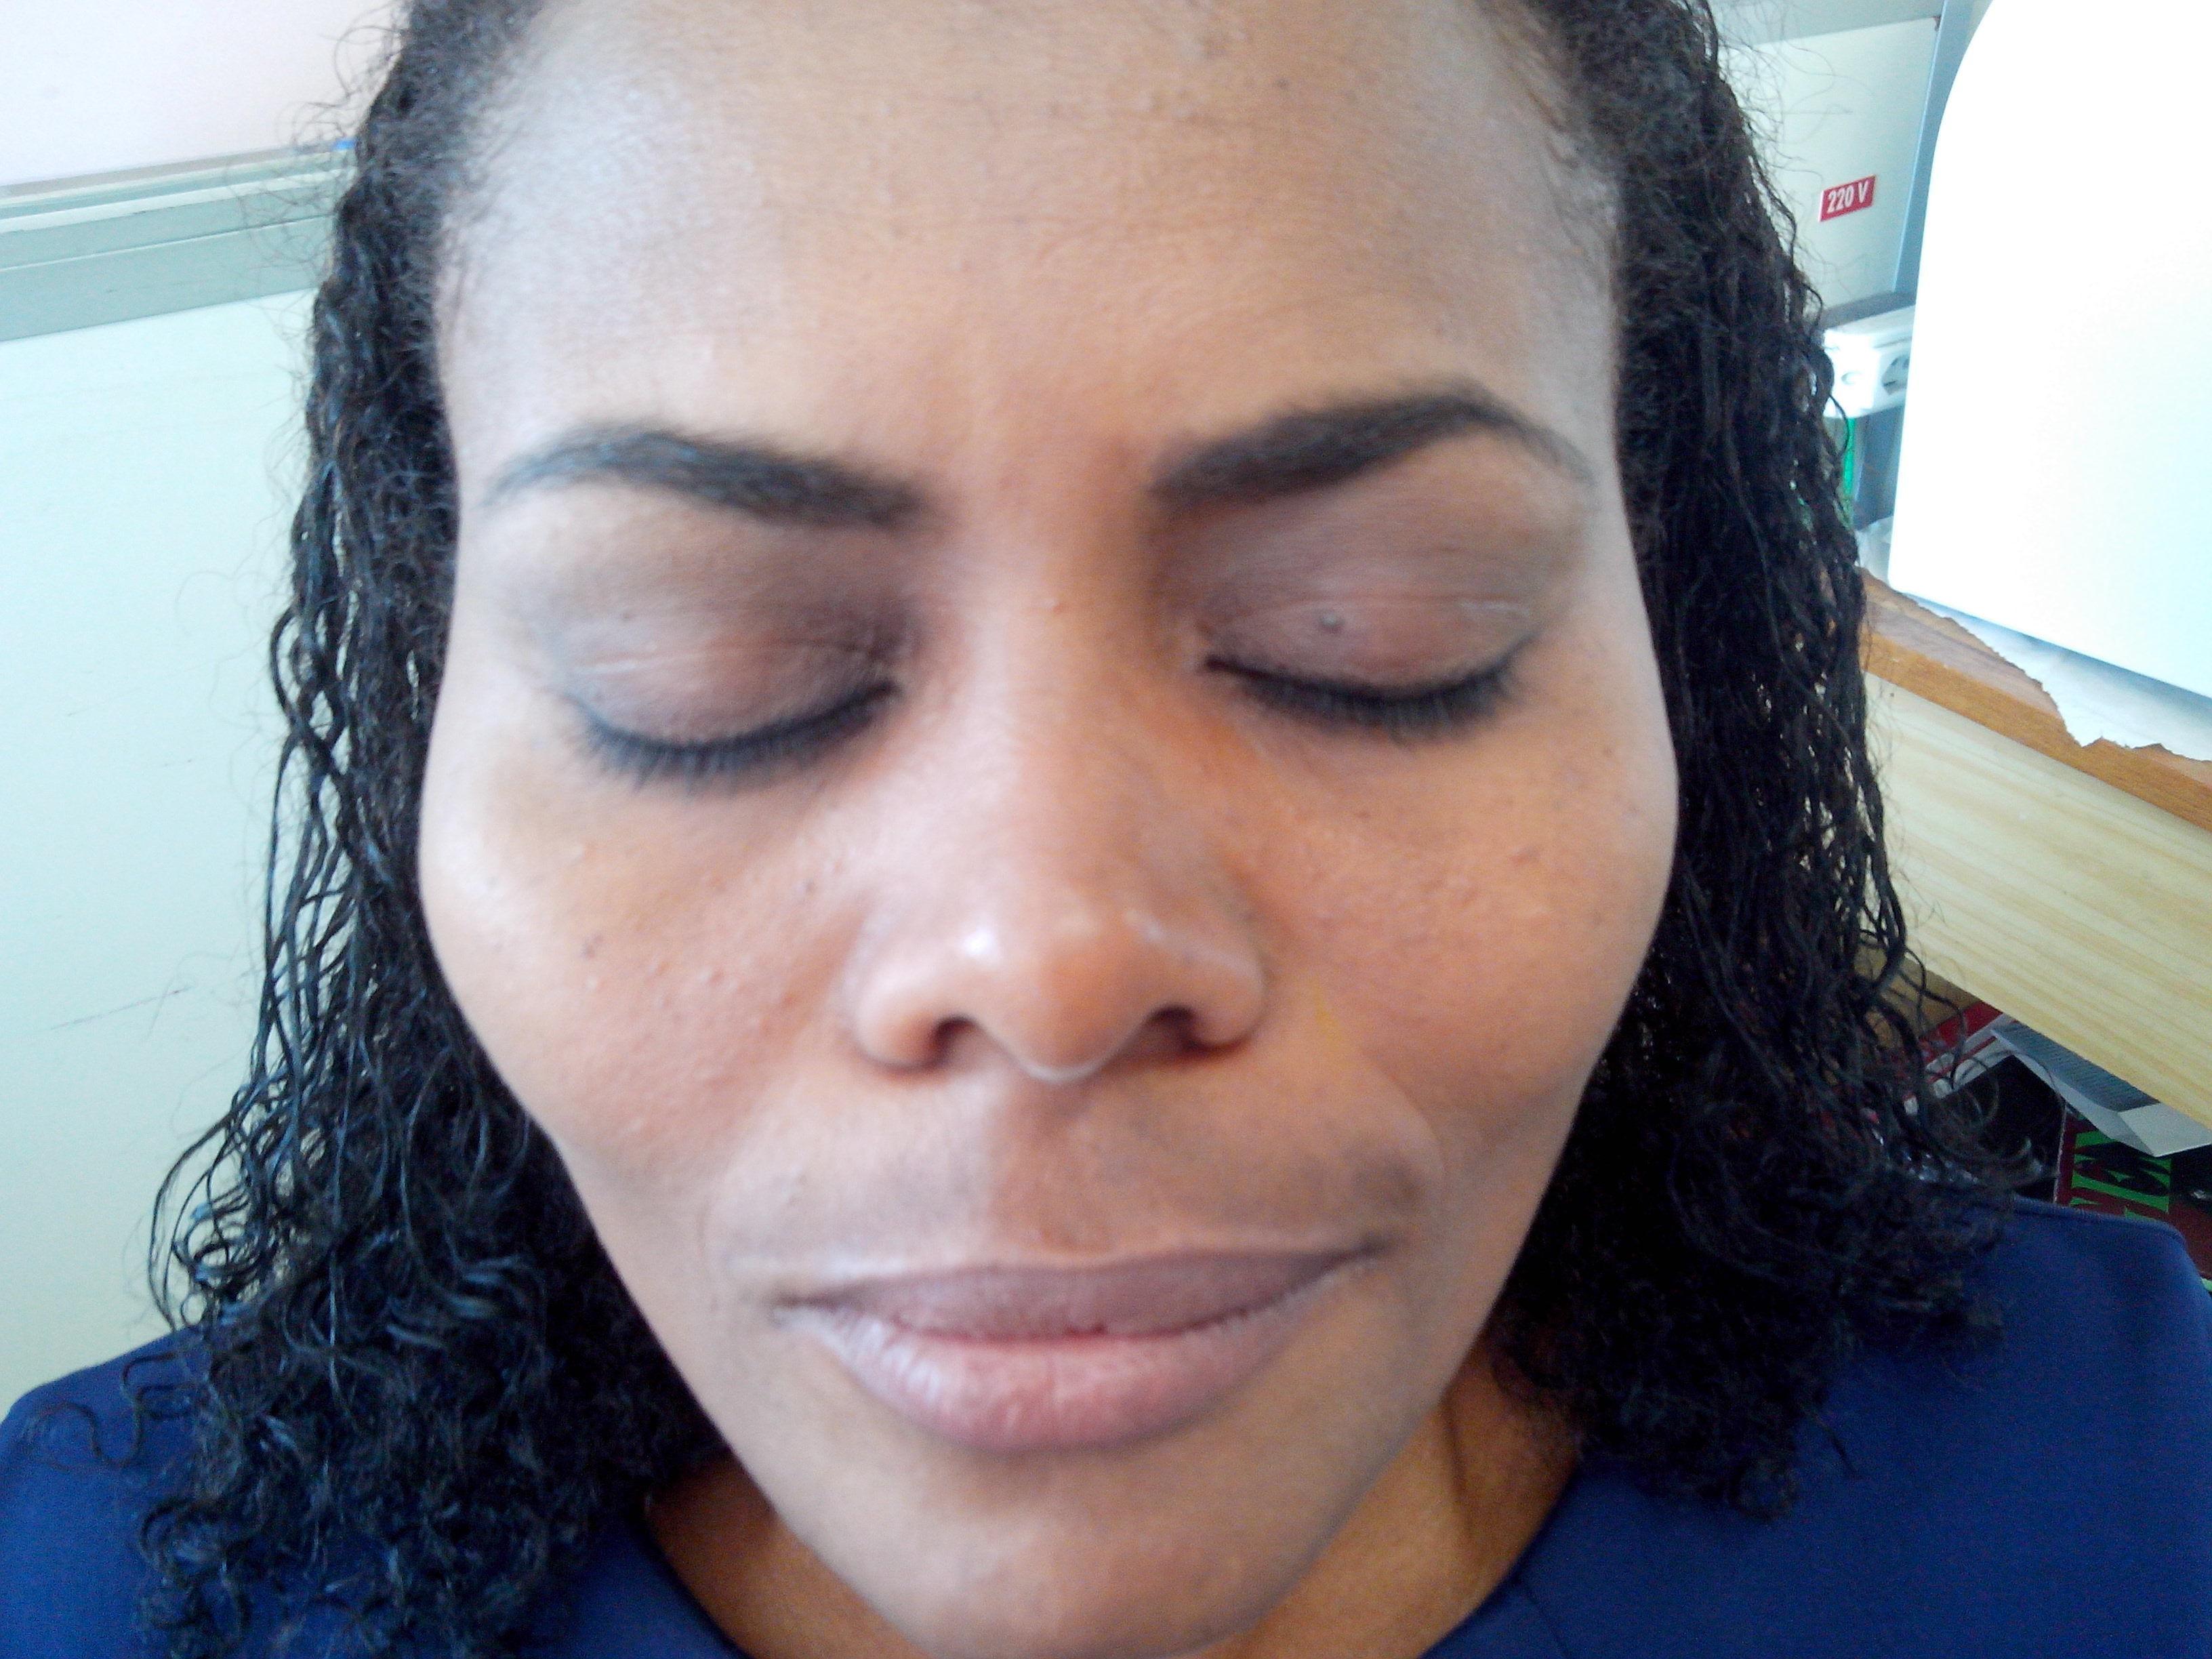 maquiagem assistente esteticista assistente maquiador(a) auxiliar administrativo